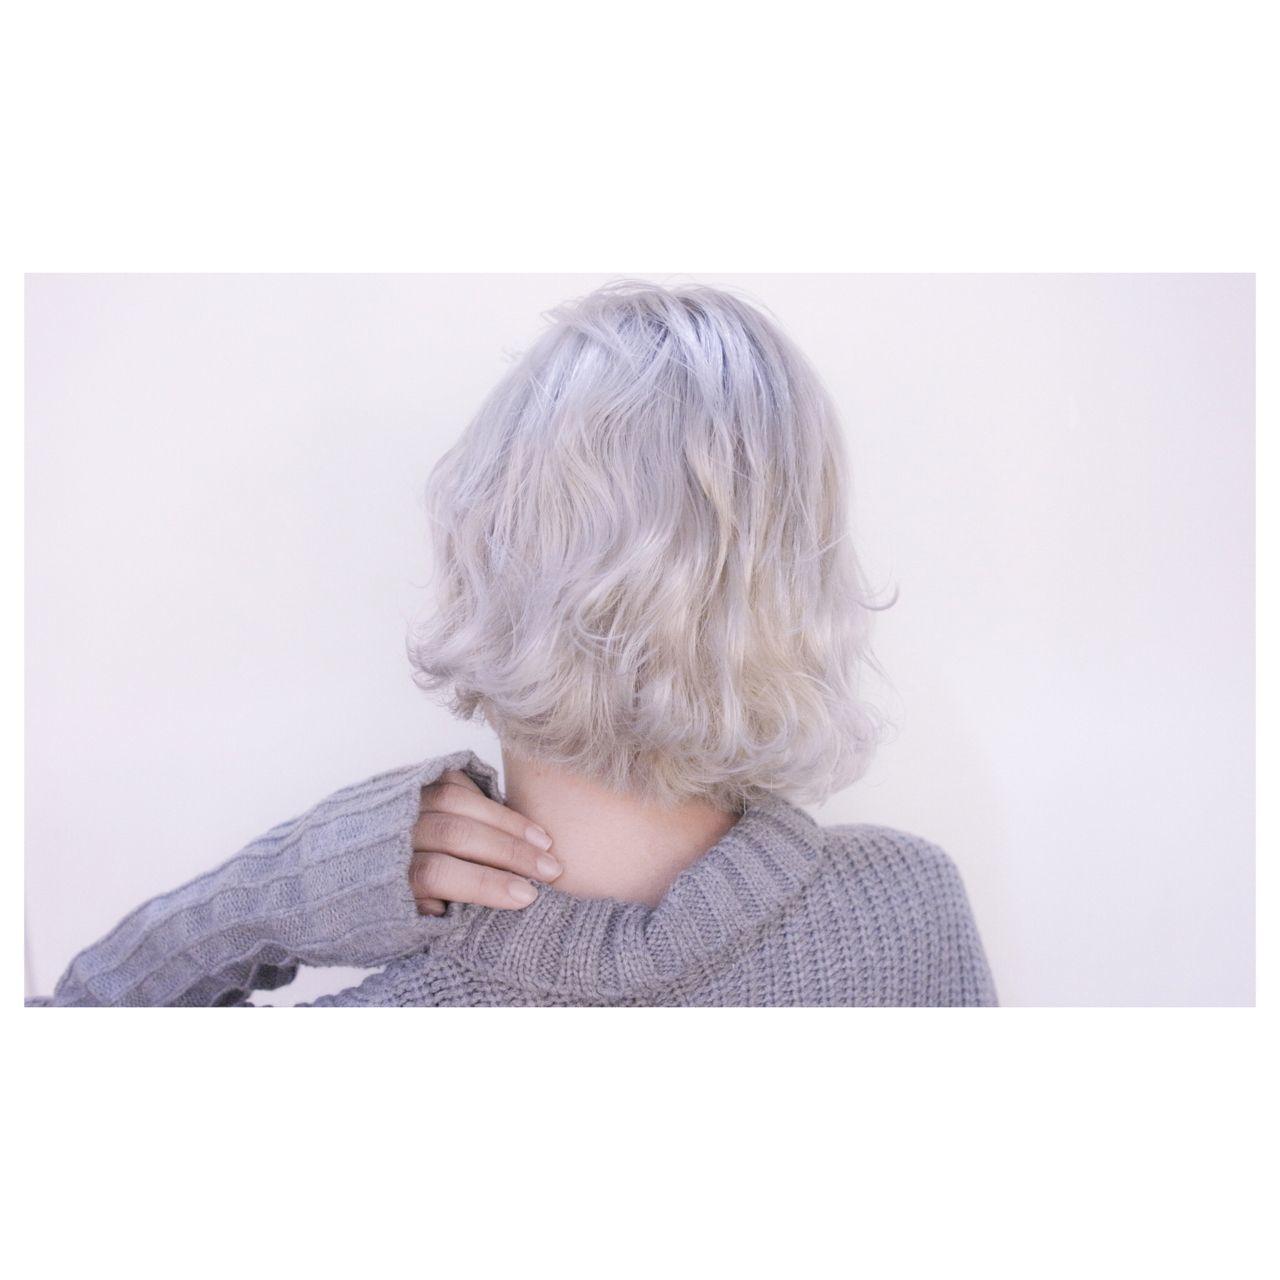 2020年人気の髪色は?おすすめヘアカラーでトレンドガールに♡の22枚目の画像